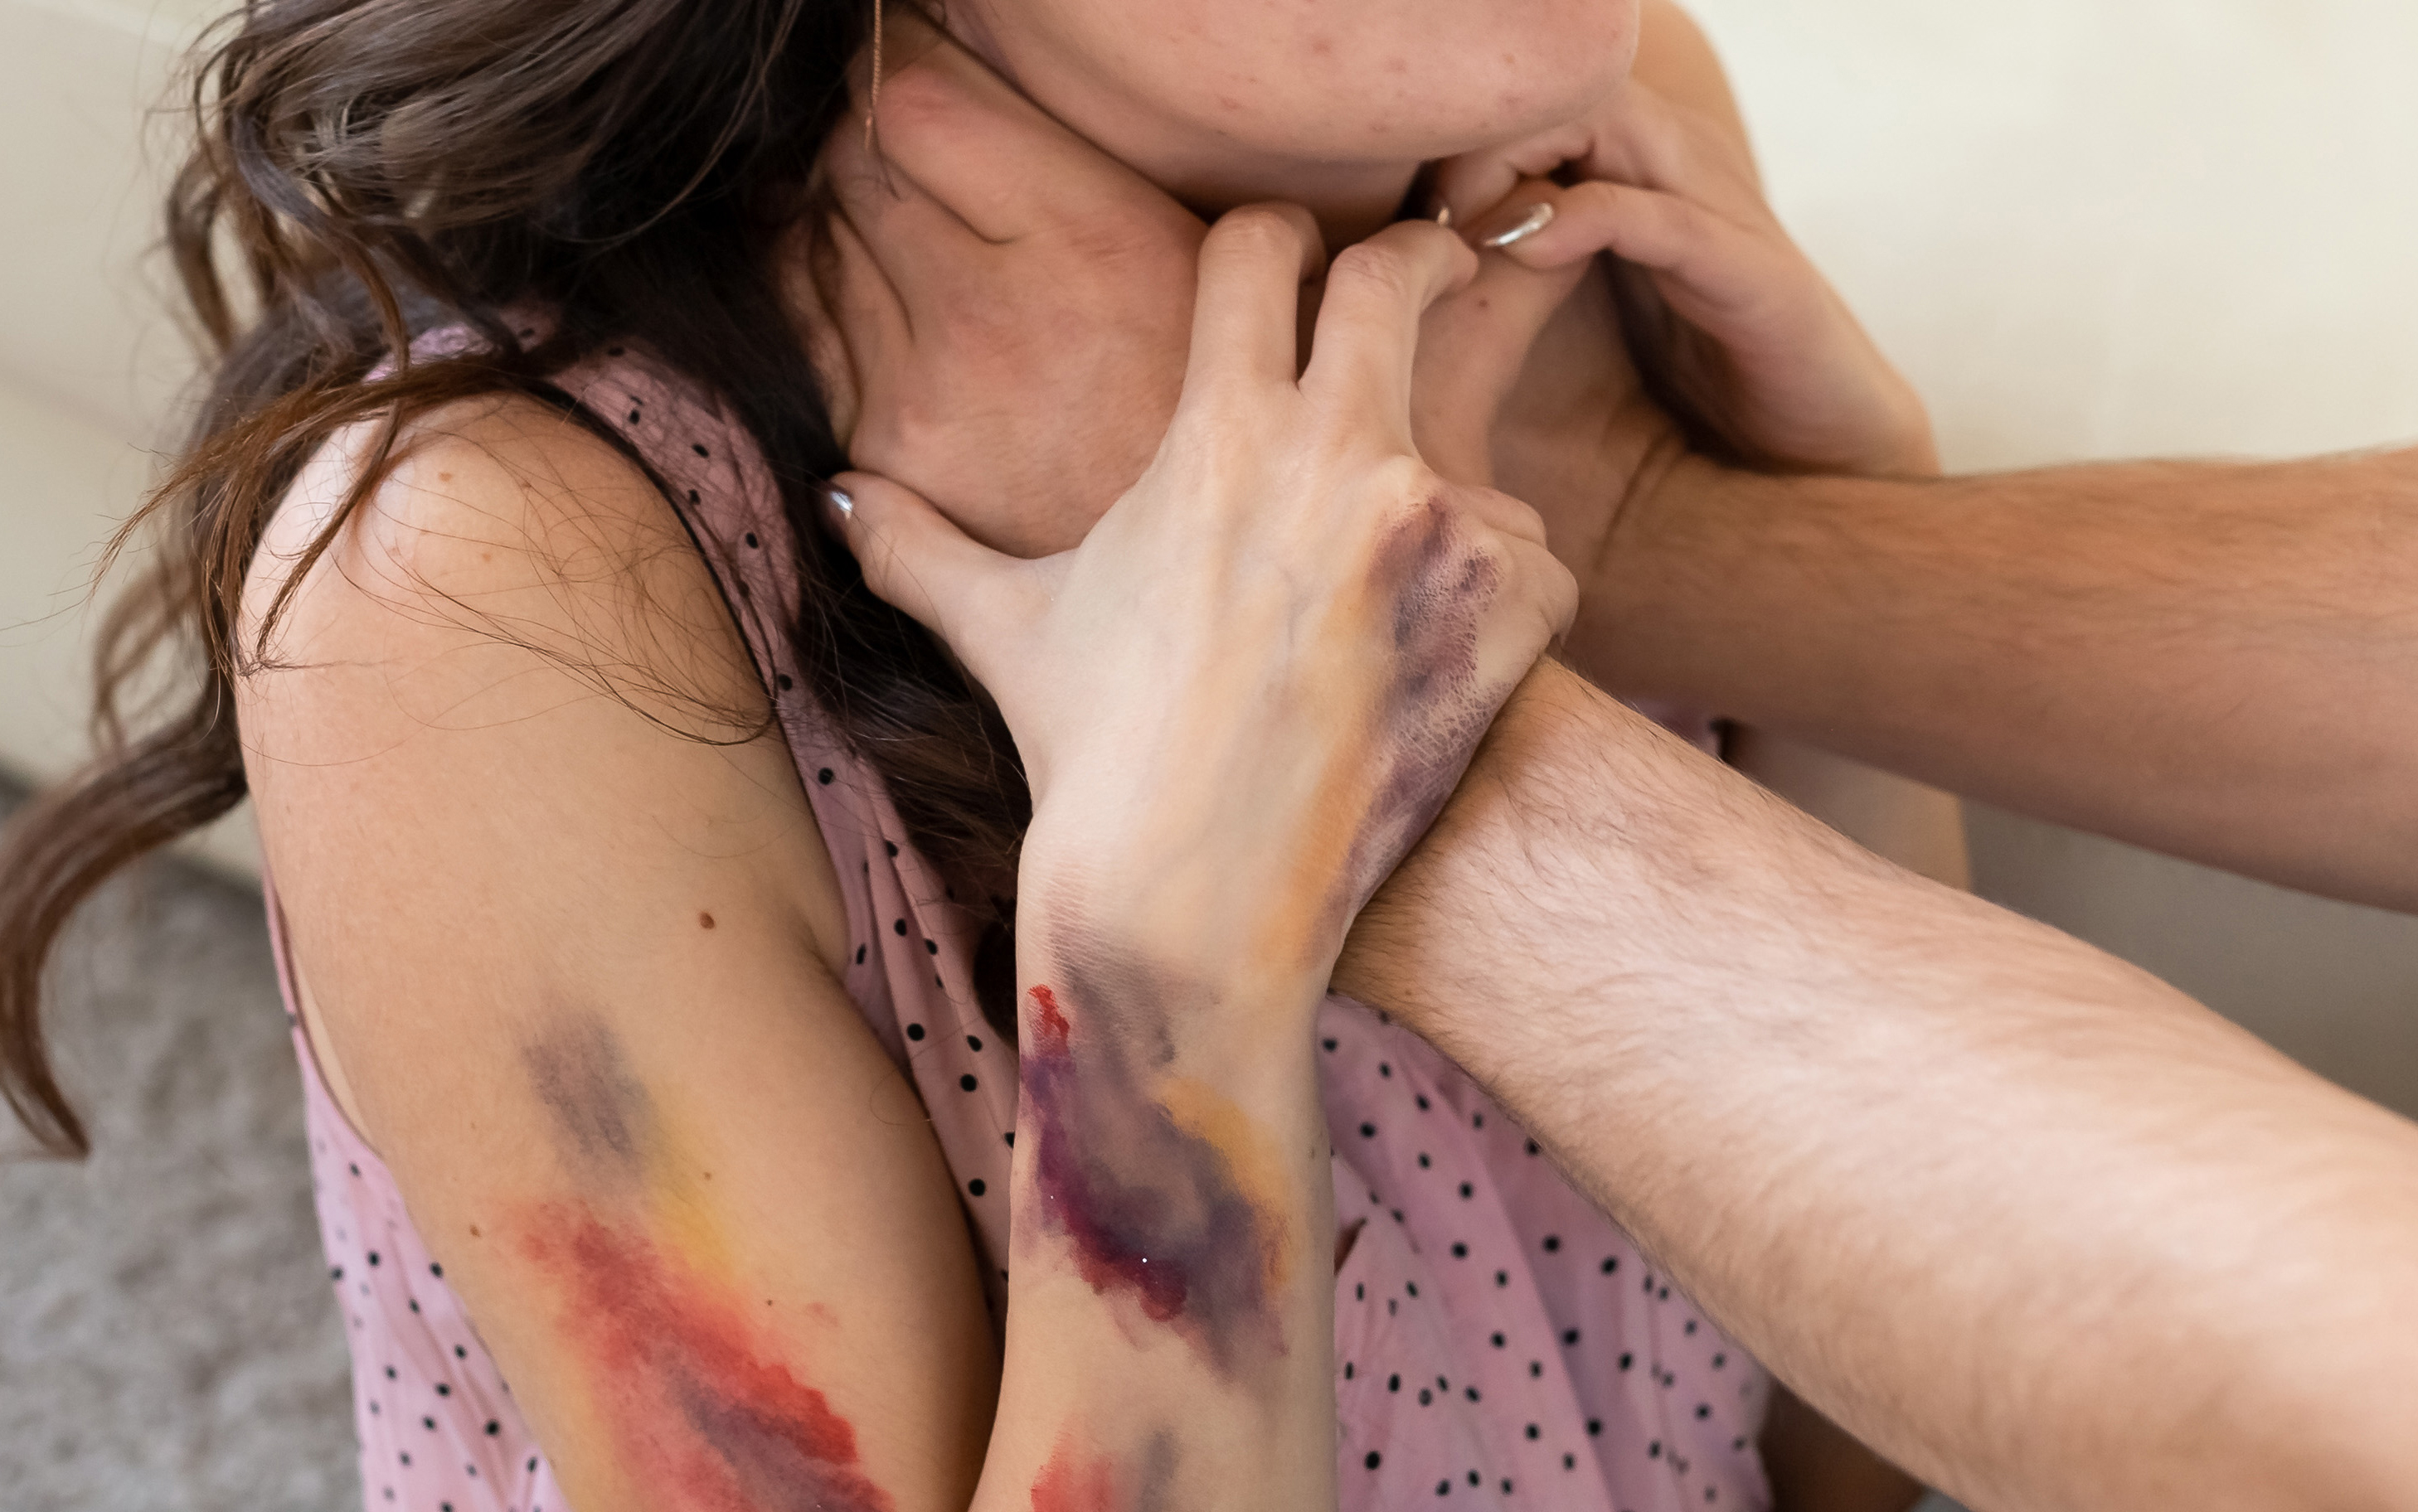 מאסר על תנאי בלבד למורה שחנק את אשתו ההרה עד שאיבדה את הכרתה